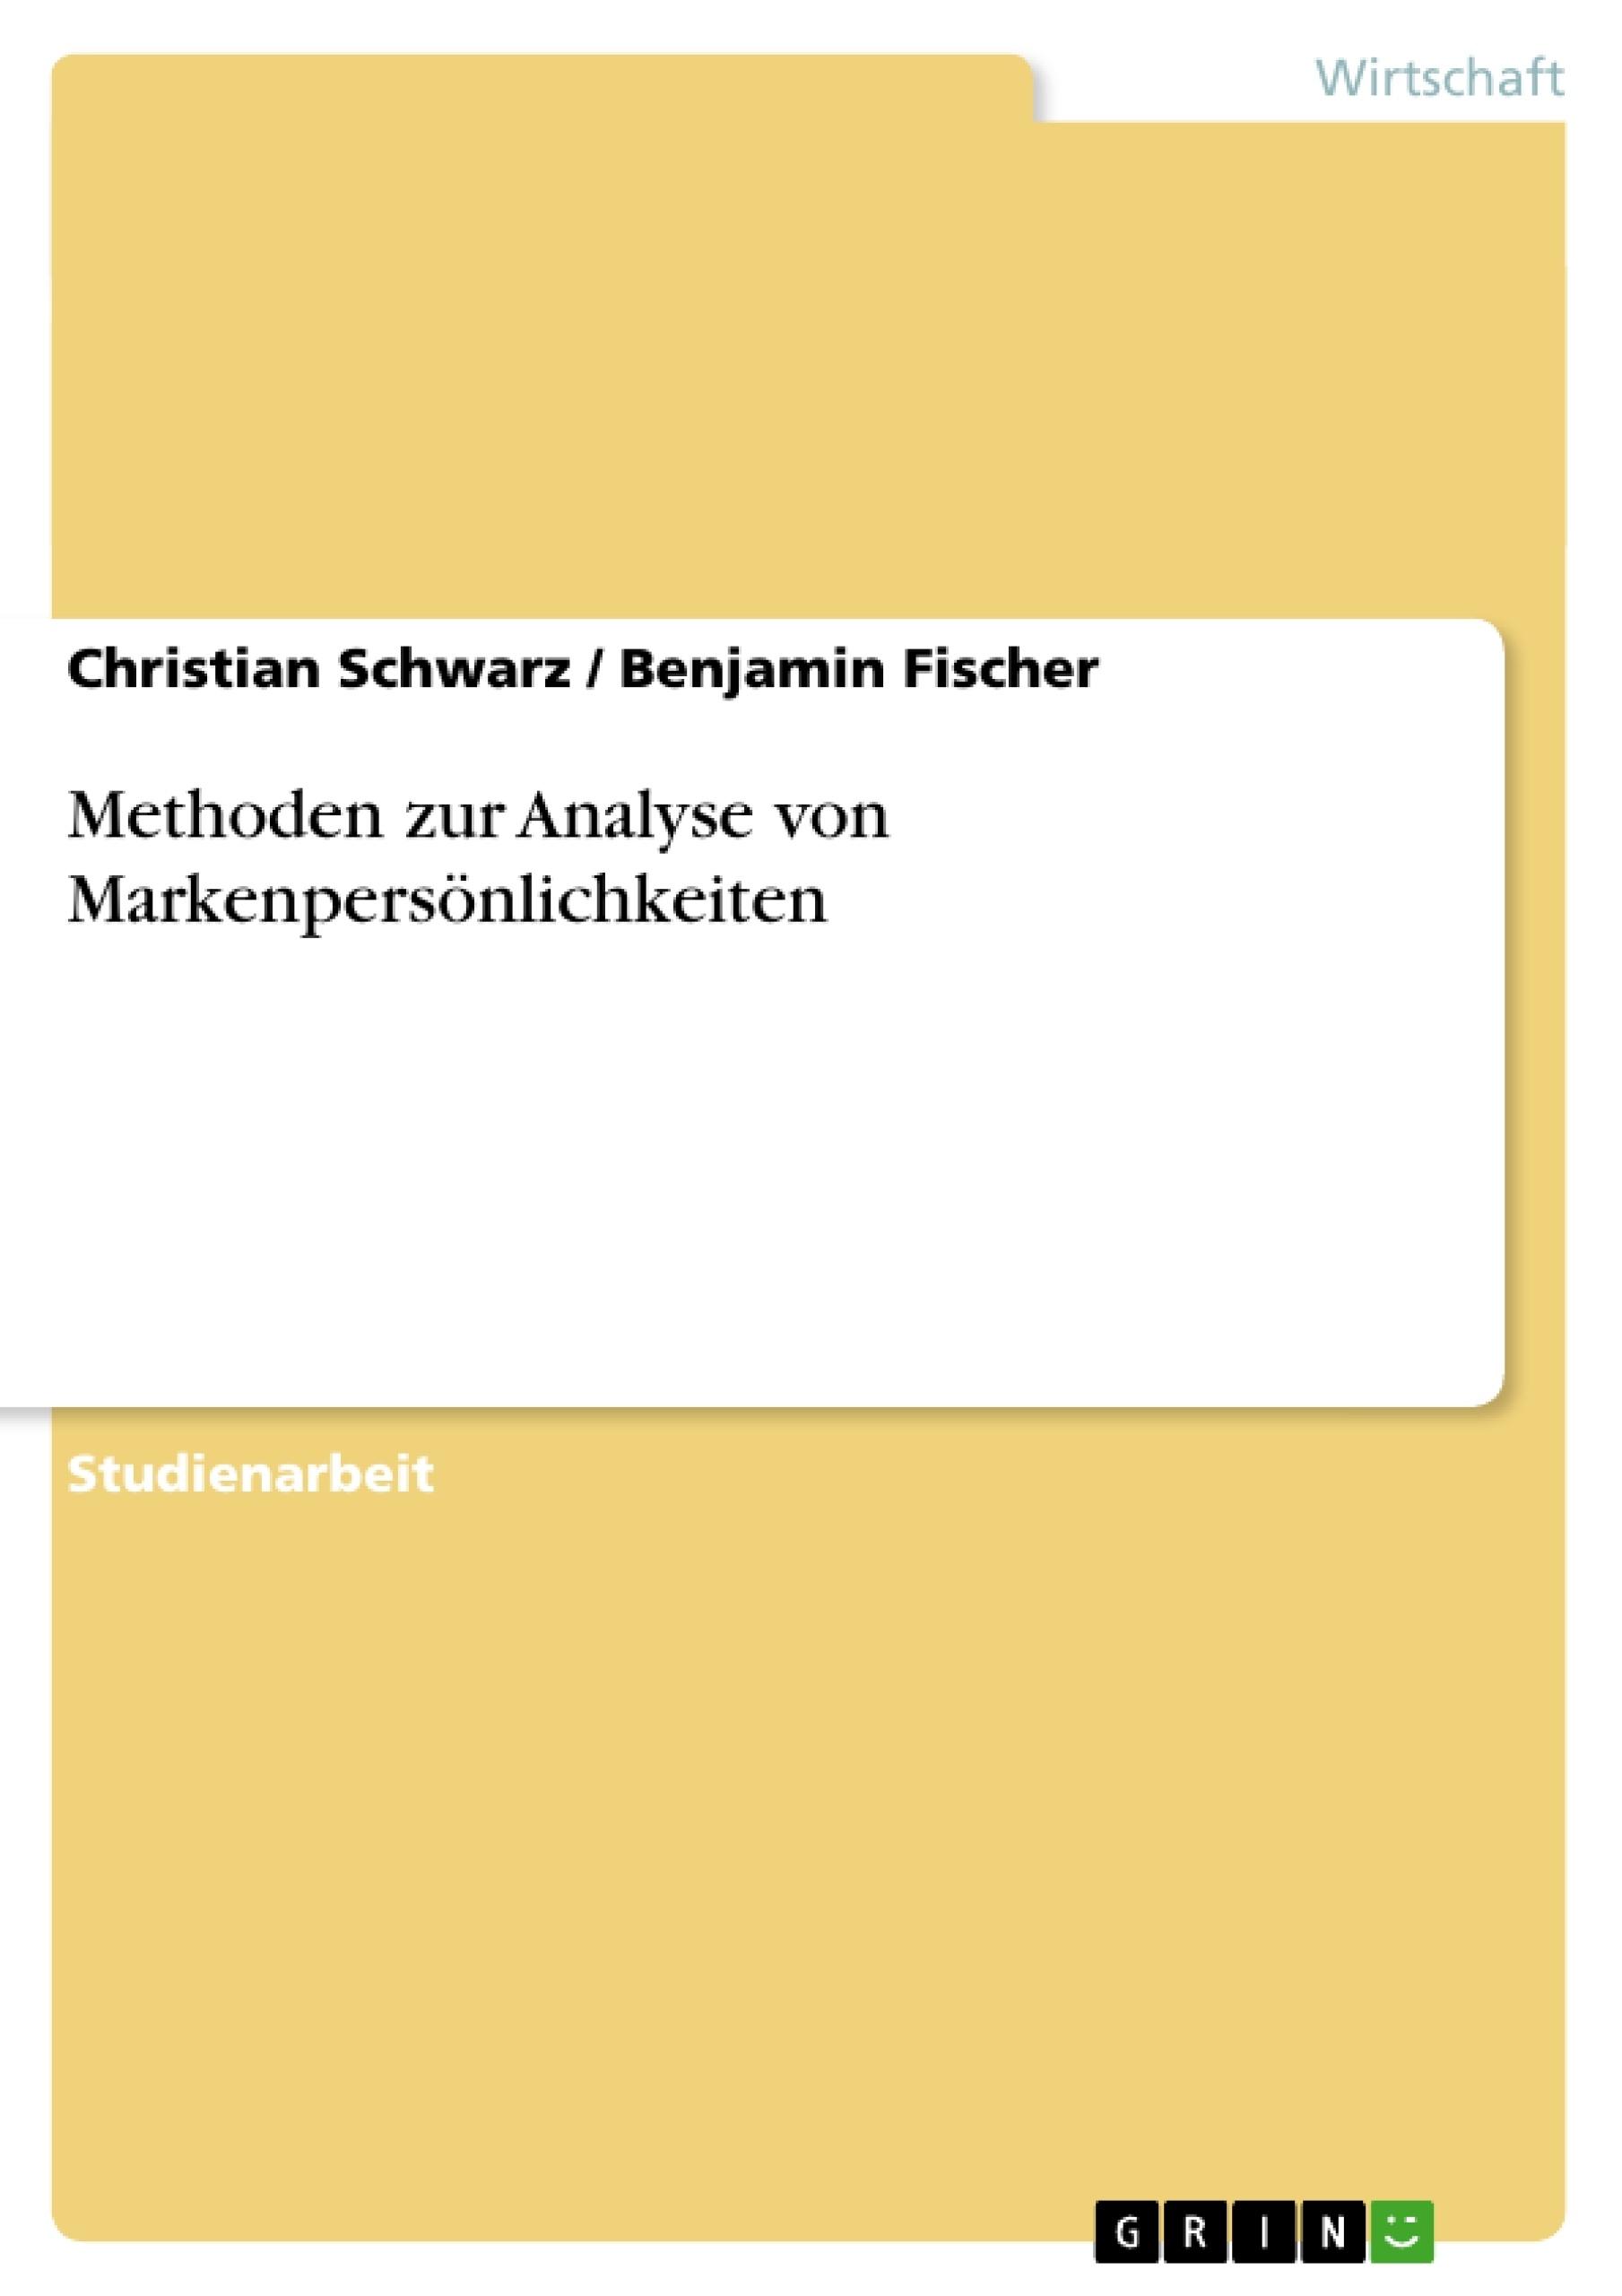 Titel: Methoden zur Analyse von Markenpersönlichkeiten